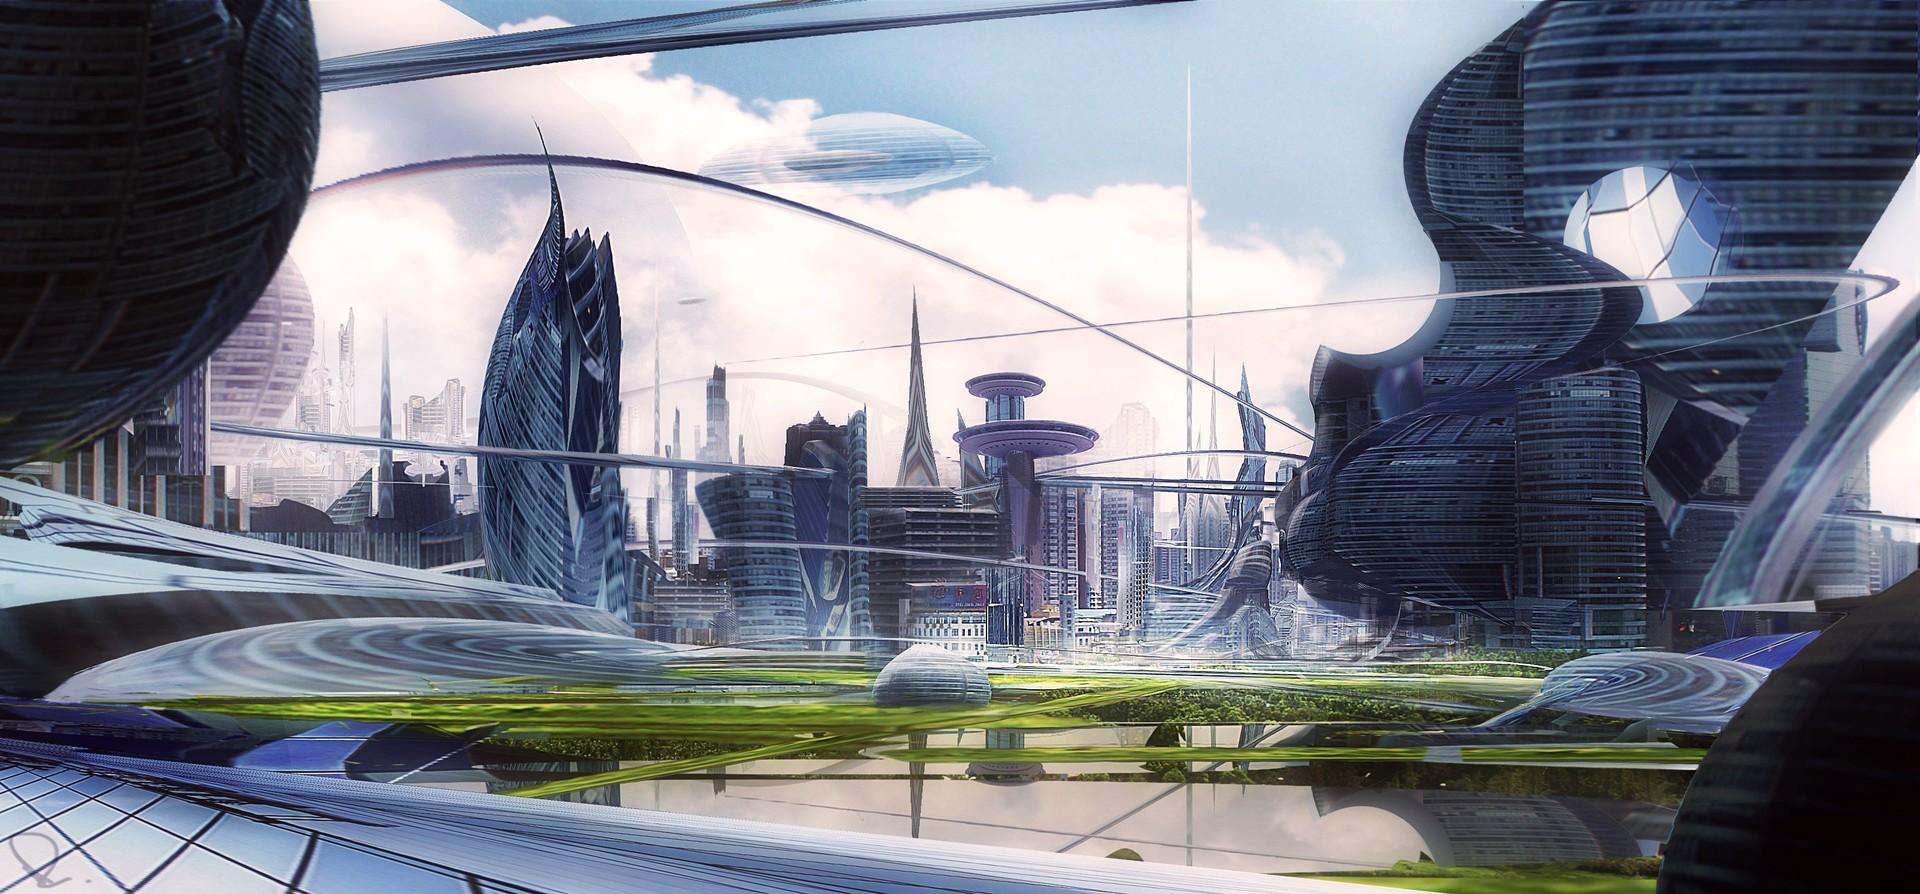 Marcin rubinkowski glass city